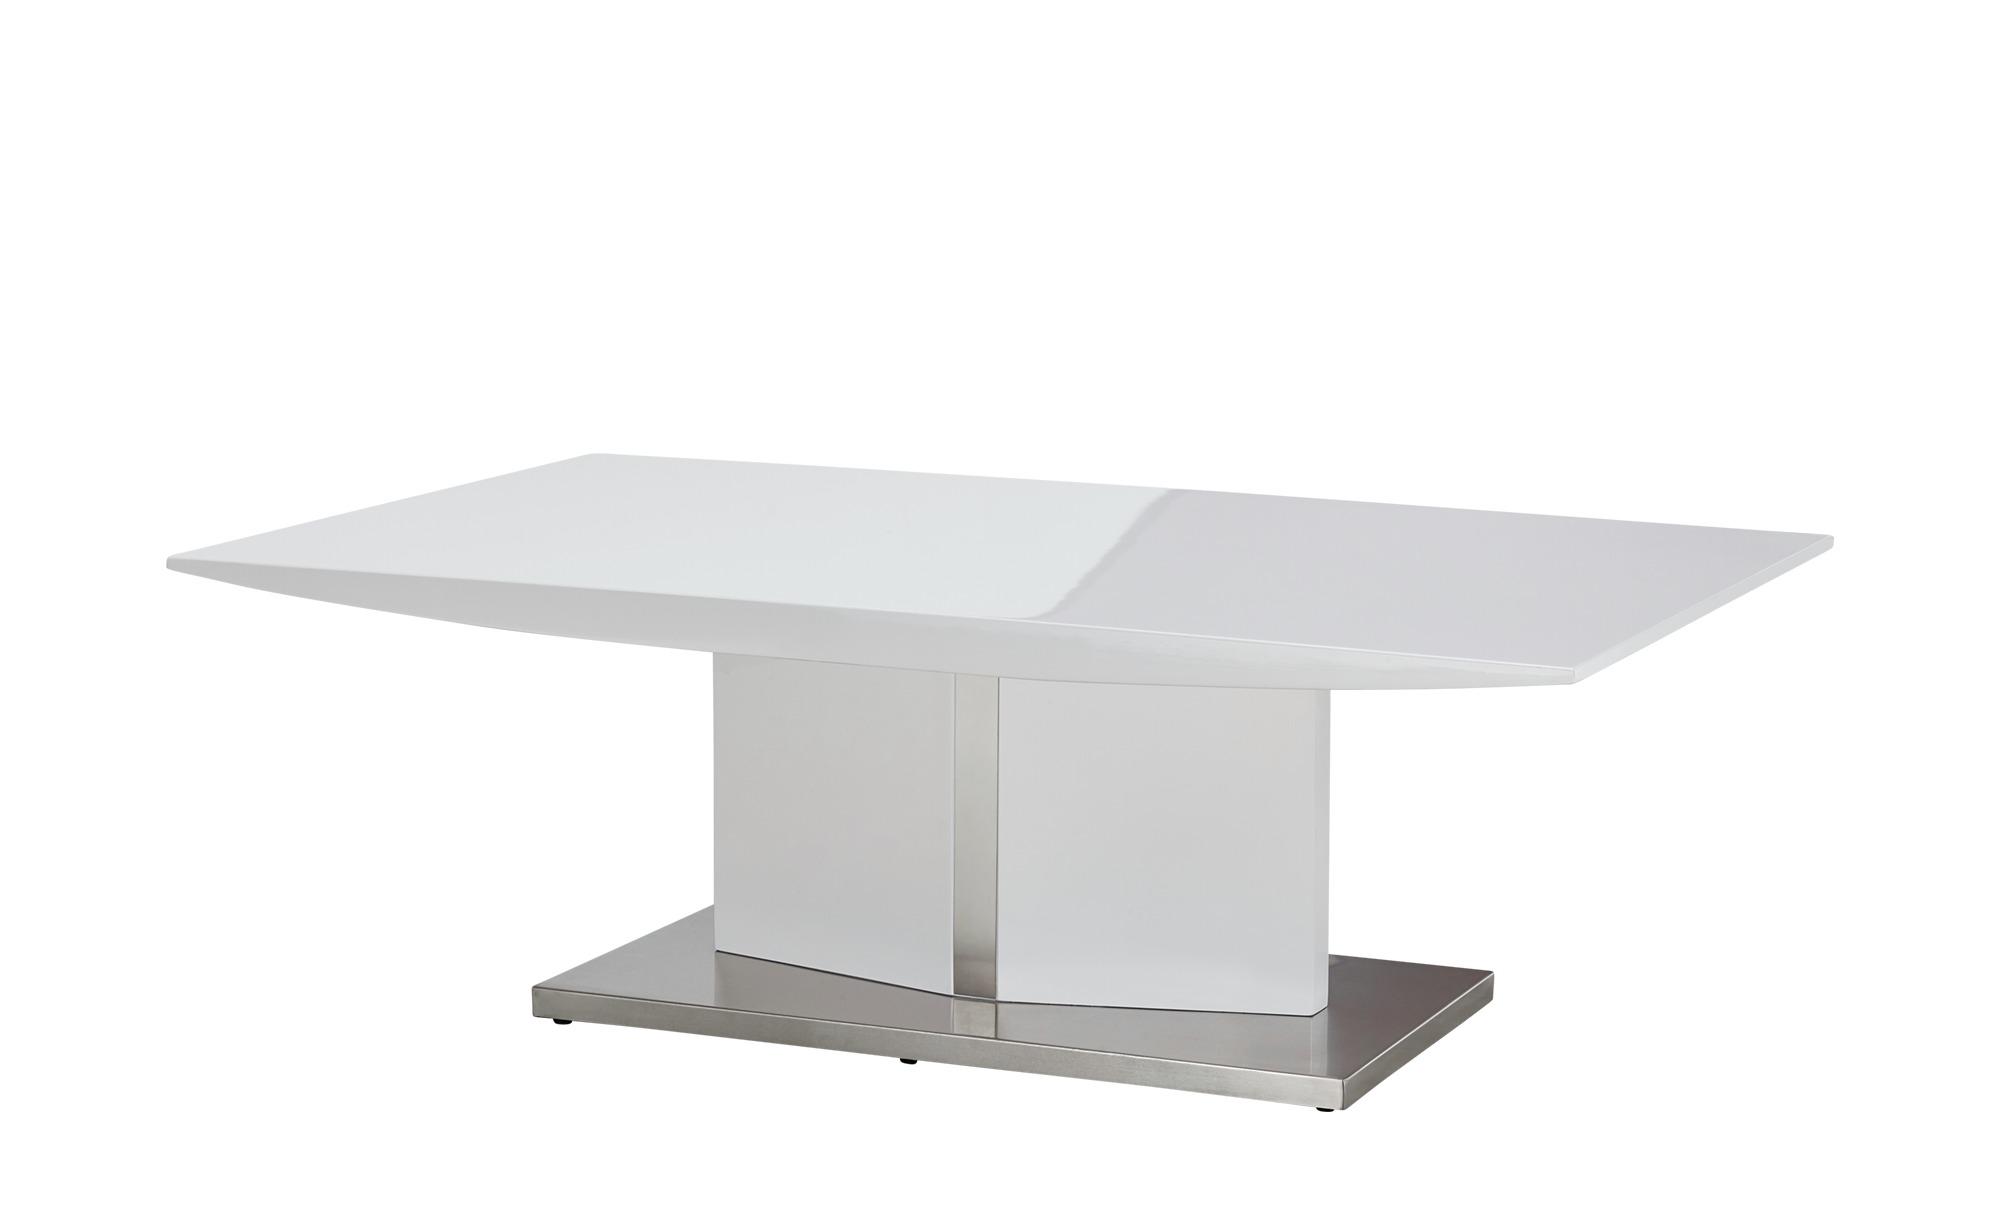 Couchtisch   Hannover ¦ weiß ¦ Maße (cm): B: 120 H: 40 T: 70 Tische > Couchtische > Couchtische rechteckig - Höffner